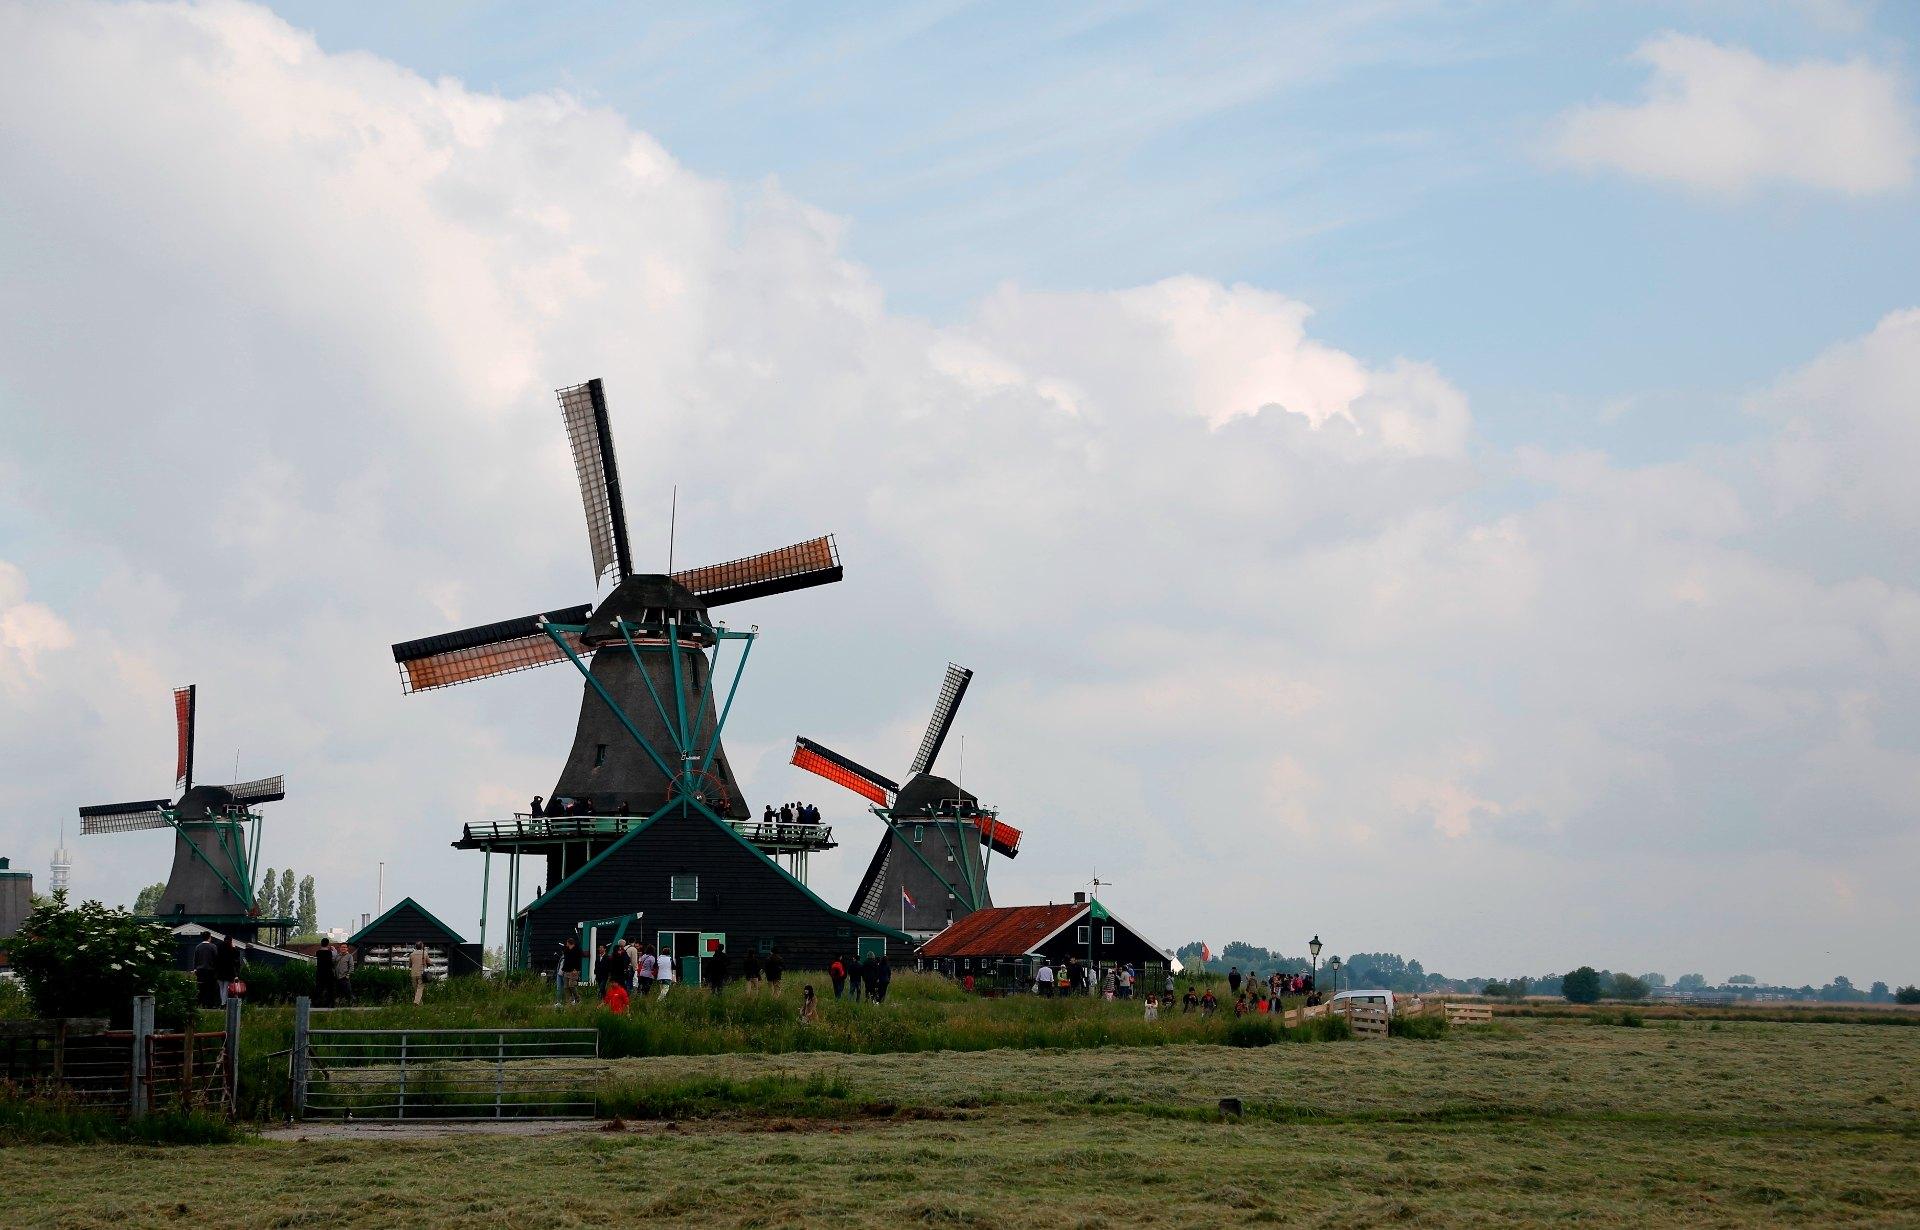 桑斯安斯風車村是有居民居住、開放式的保留區和博物館,位于阿姆斯特丹北方15公里。古老的建築生動描繪了17、18世紀的荷蘭生活。真實的房子,古老的造船廠,制作木鞋的表演,還有風車,每年吸引著成千上萬的游客。桑河(Zaan)區也許是世界上第一個工業區。250年前,在這片狹小的土地上,矗立著800多座風車。它們承擔著各種工業任務。目前仍然有5座風車還在以著傳統方式運作。在桑河上泛舟游覽,能夠從另一個角度欣賞這些美麗的風車。風車村內的博物館包括木鞋制造廠、白蠟制造廠、面包房、奶酪和乳制品作坊以及100多年的雜貨店